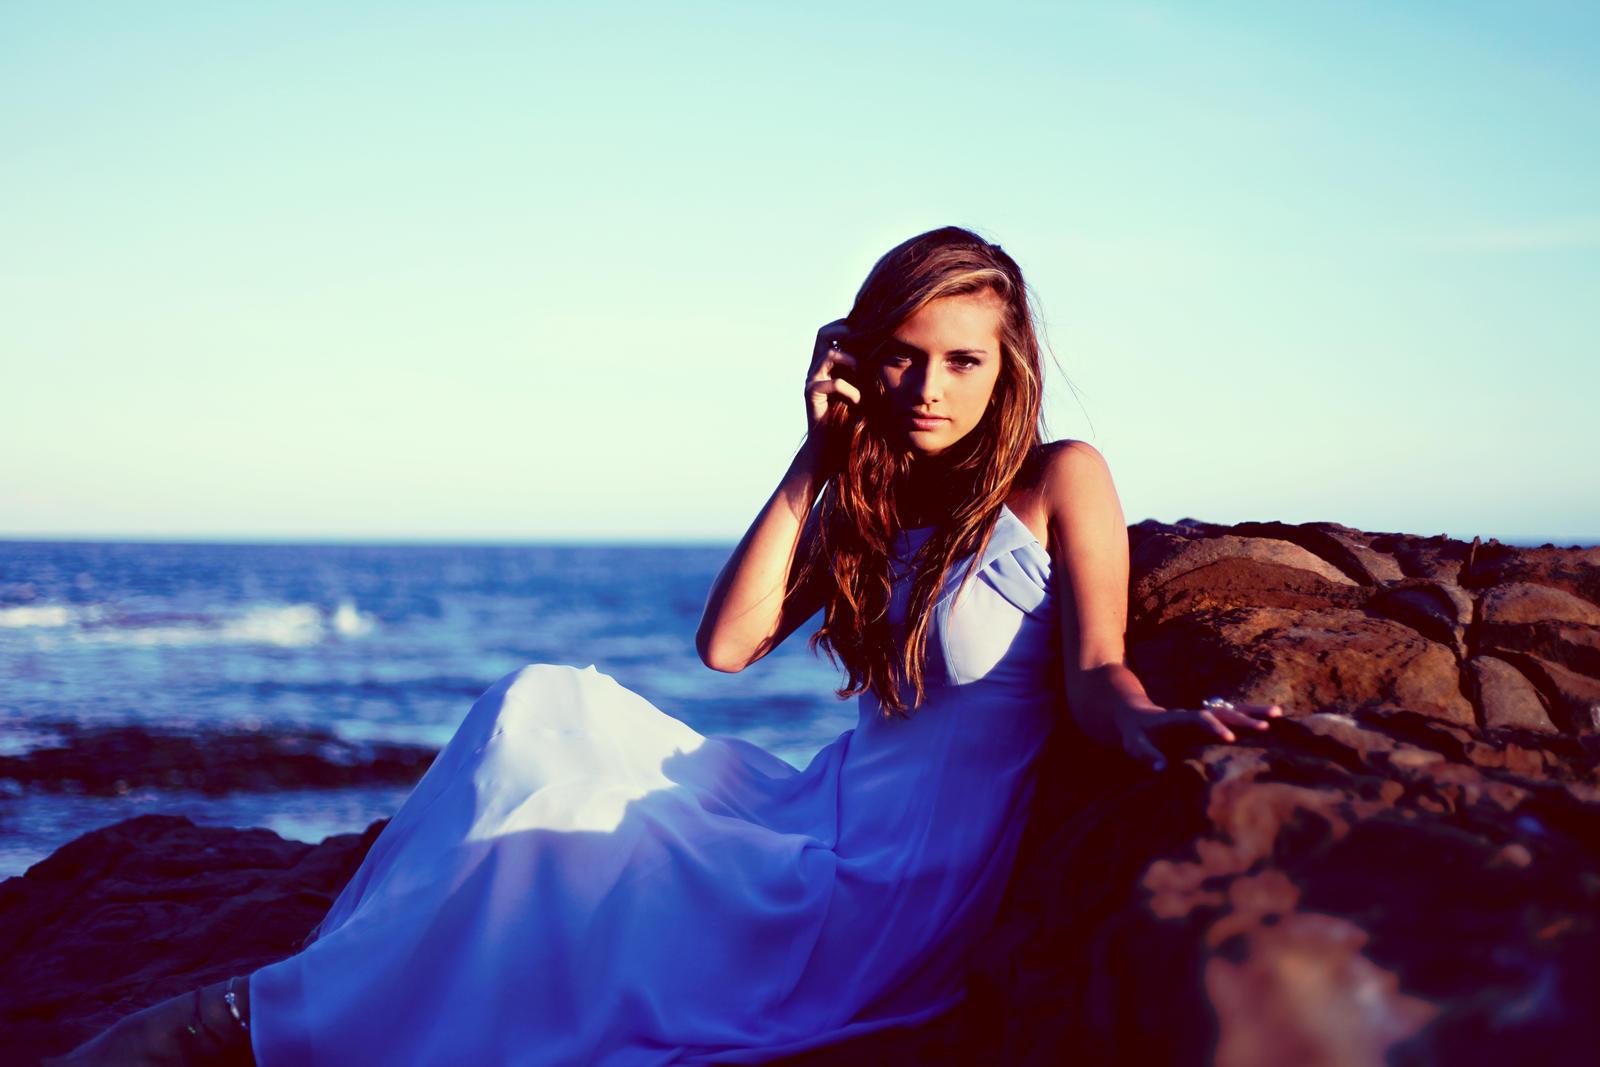 Ocean by KayleighJune